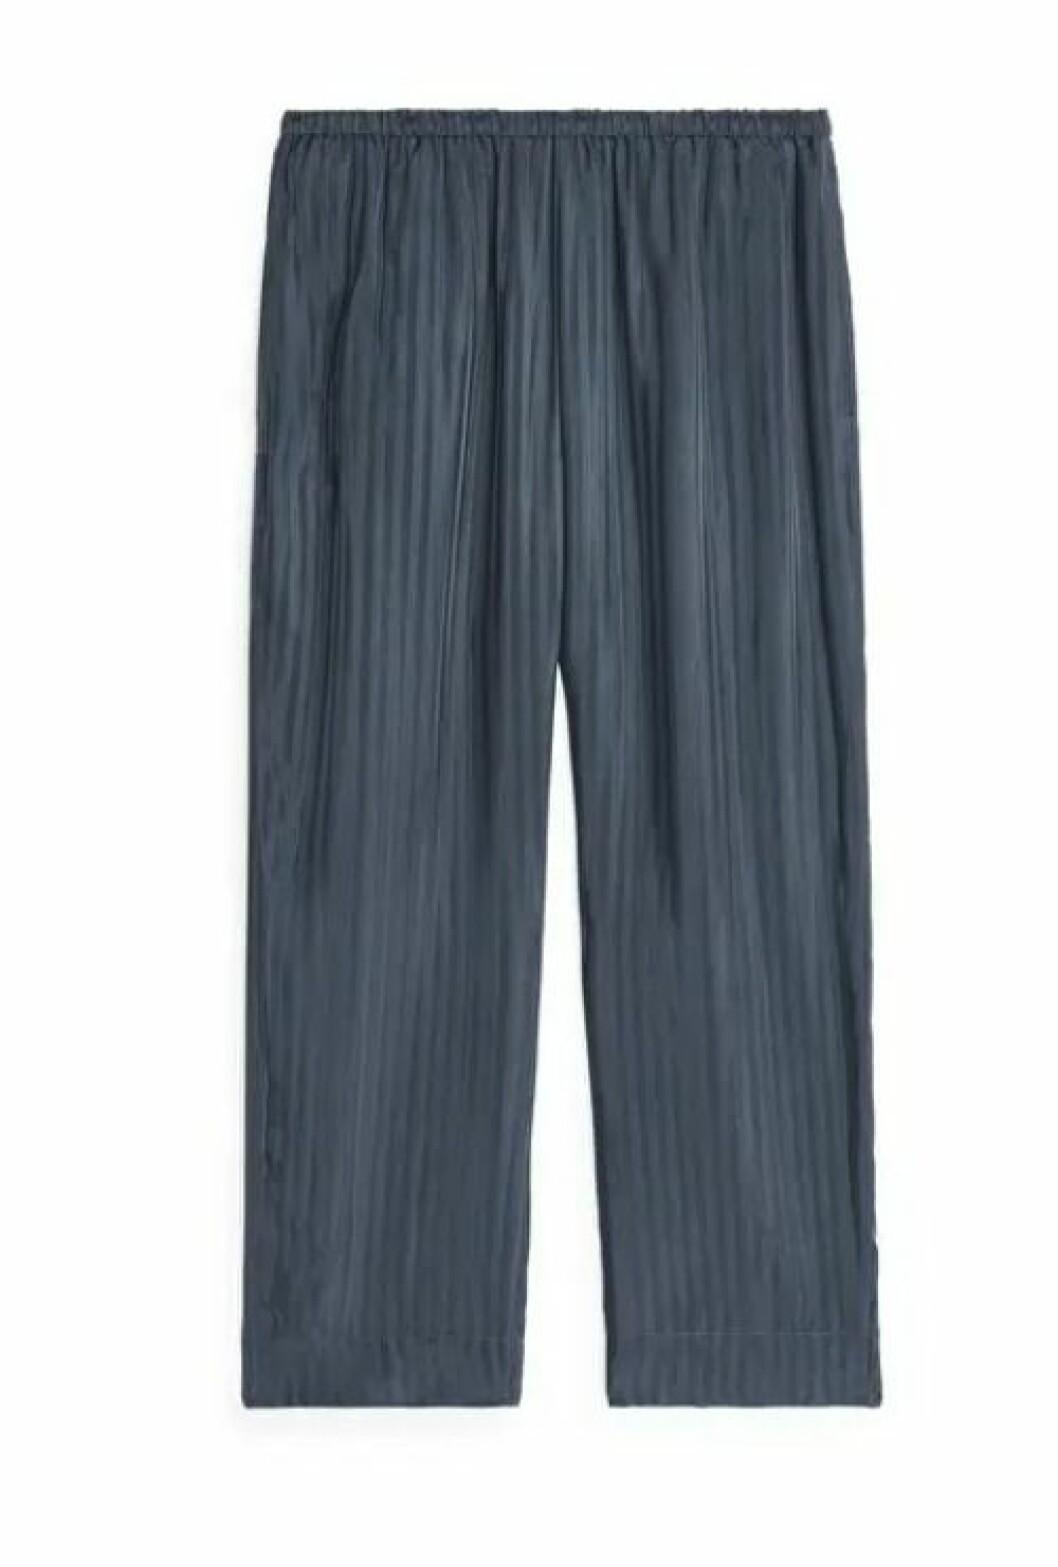 Grå pyjamas för dam till 2019